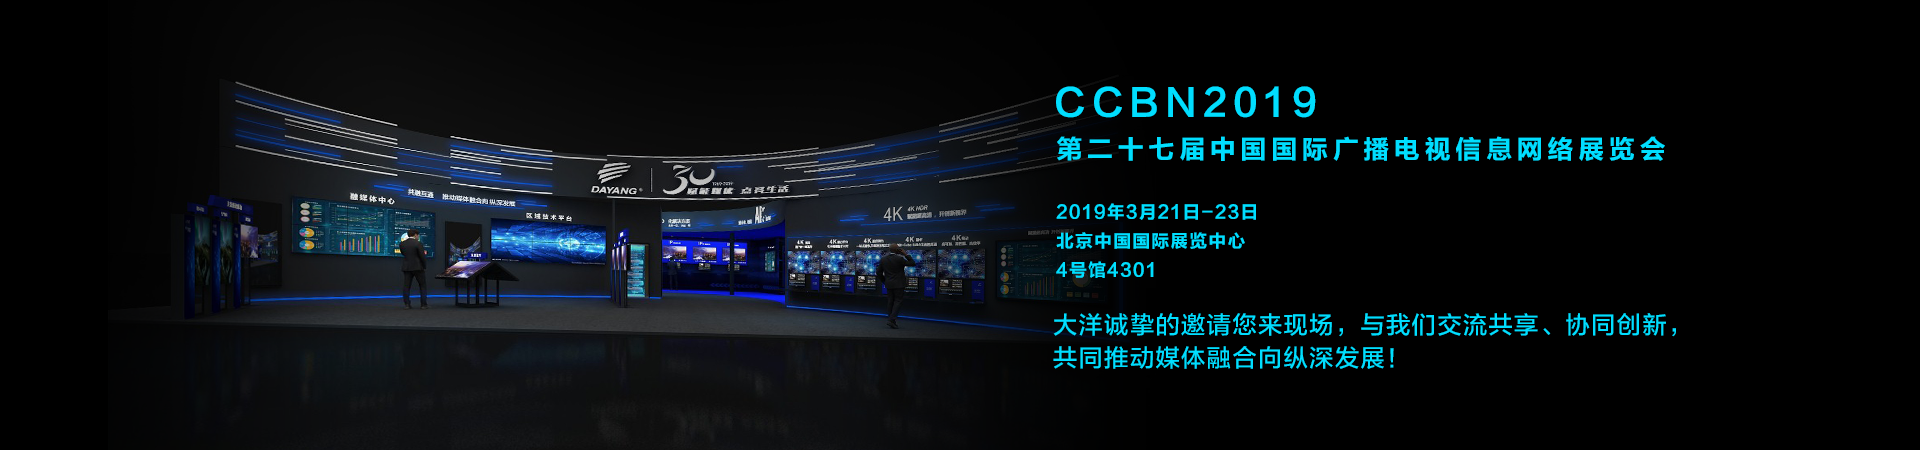 中科大洋CCBN2019邀请函丨赋能媒体 点亮生活